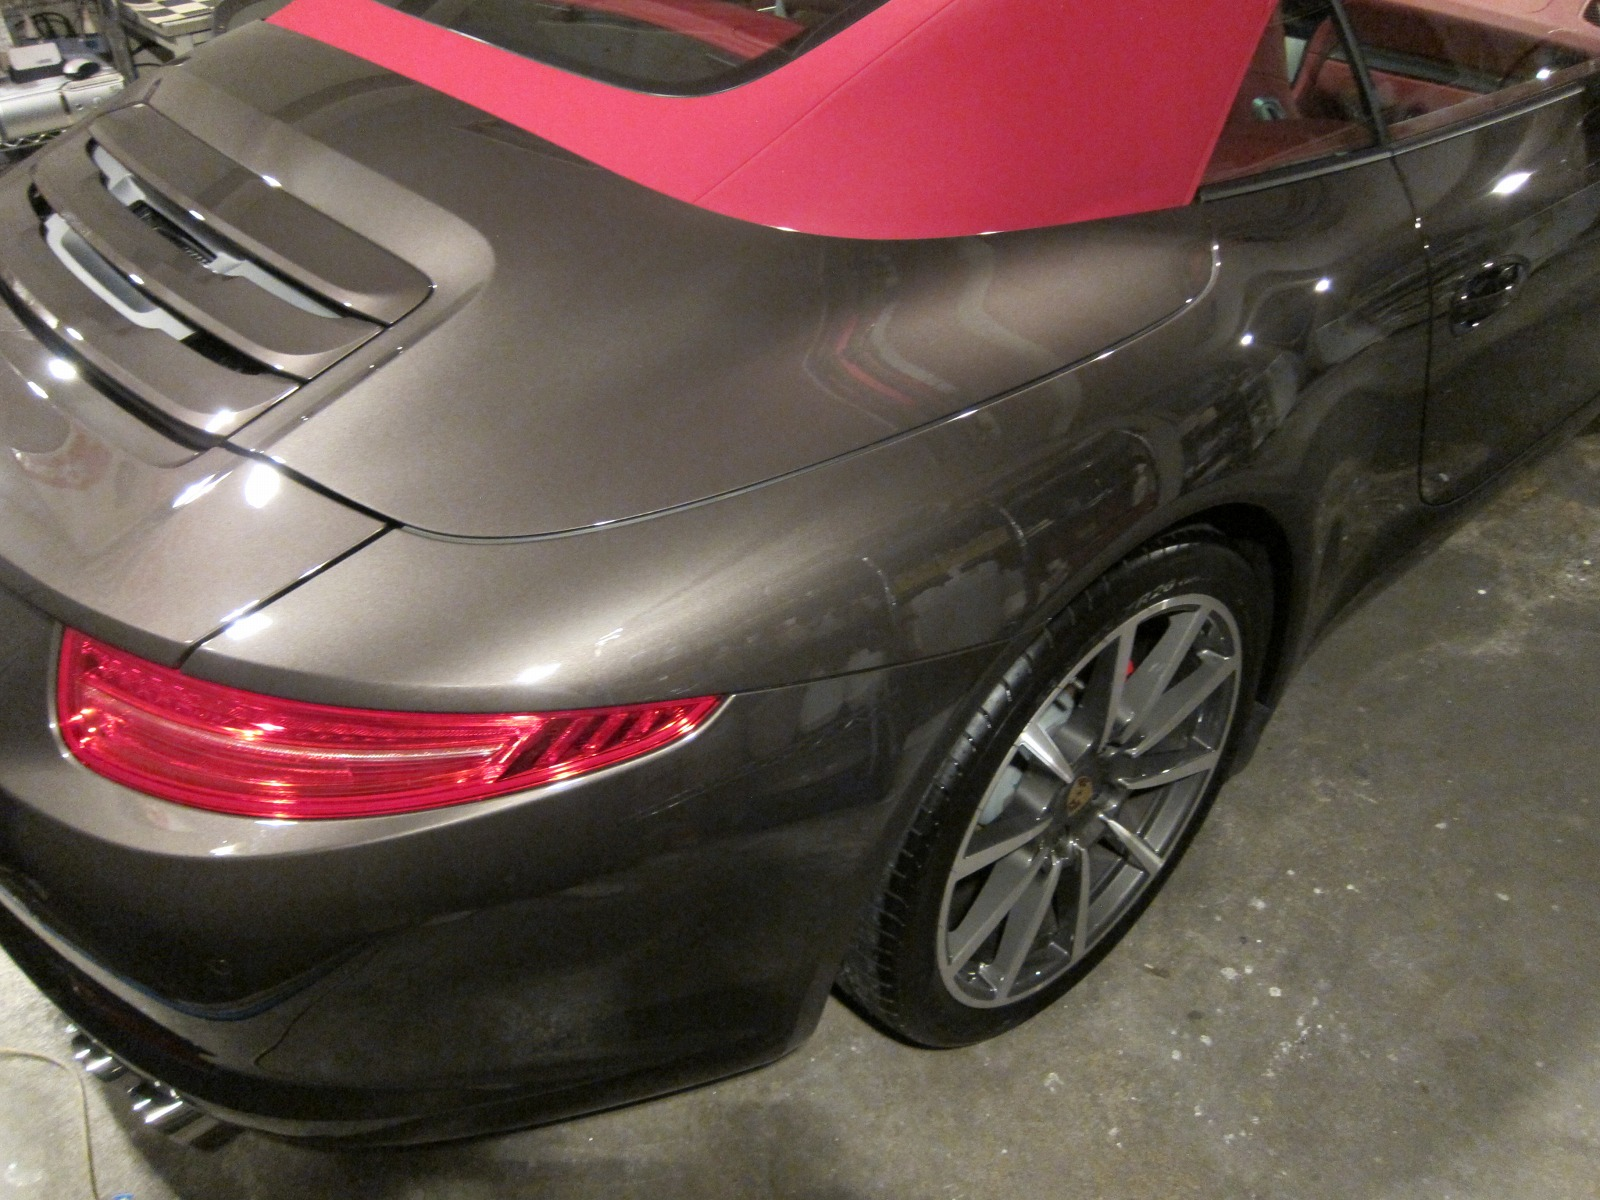 20141226-porsche-911-carreras-cabriolet-12